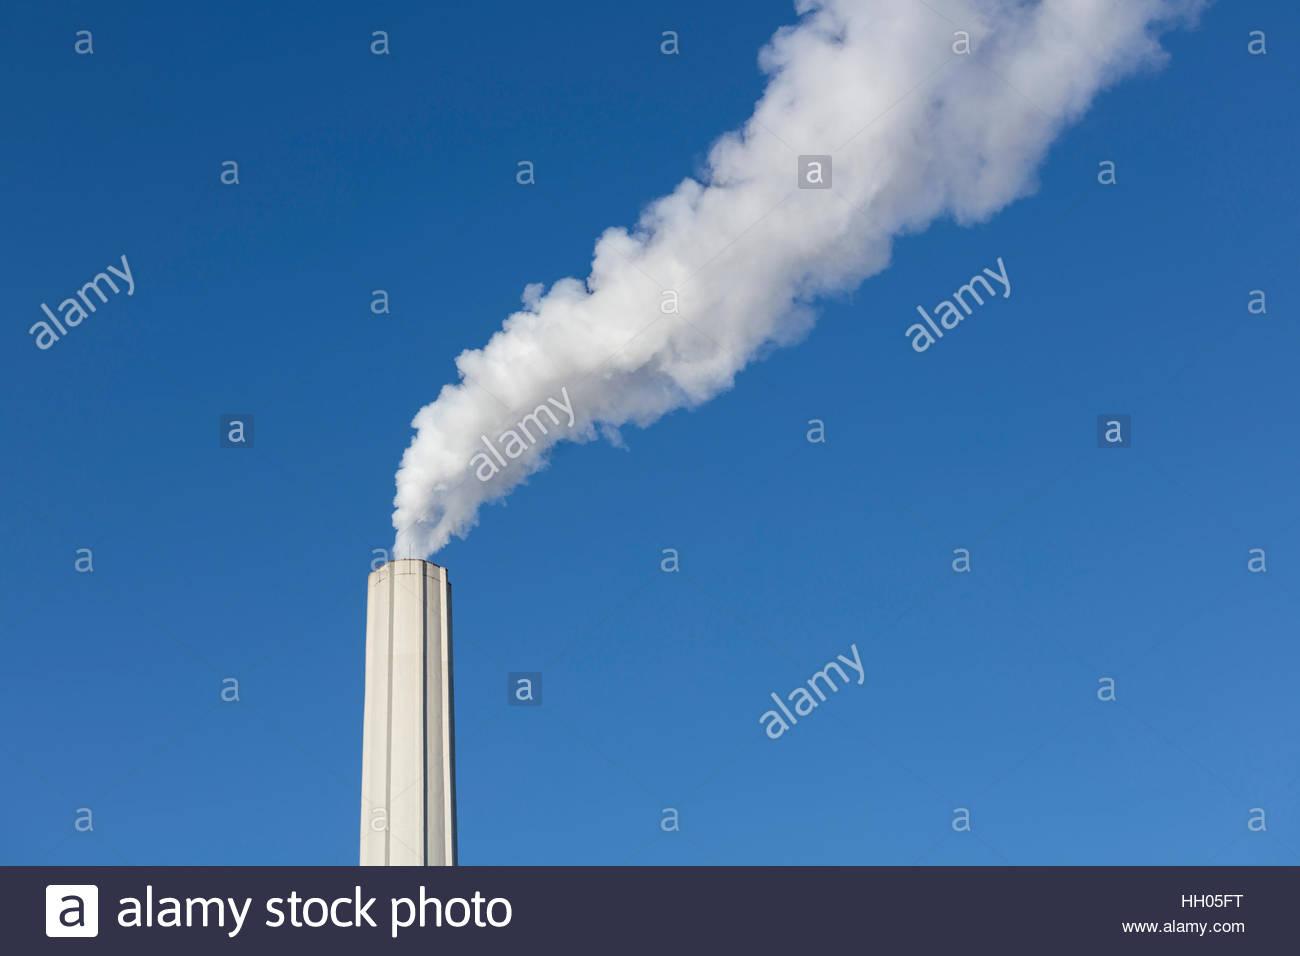 Il fumo camino riscaldamento globale cambiamenti climatici inquinamento atmosferico cielo blu Ontario in Canada. Immagini Stock